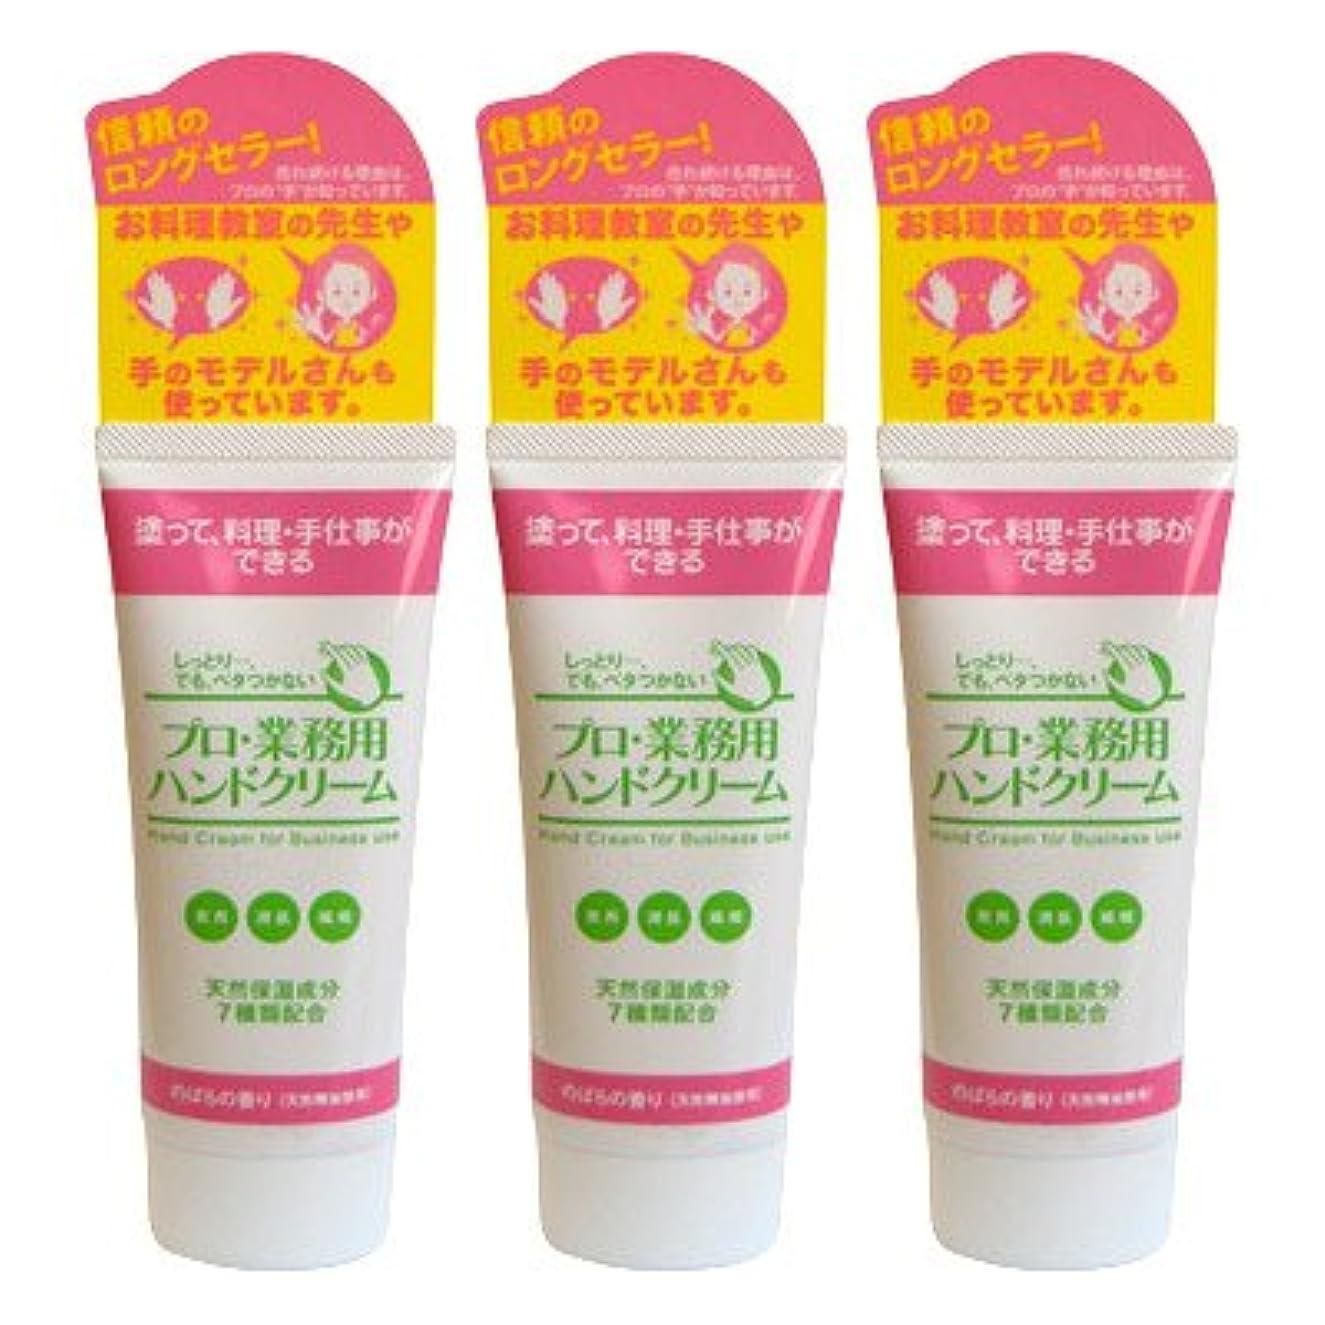 地平線日常的にアクセントプロ業務用ハンドクリーム(のばらの香り) 3個セット